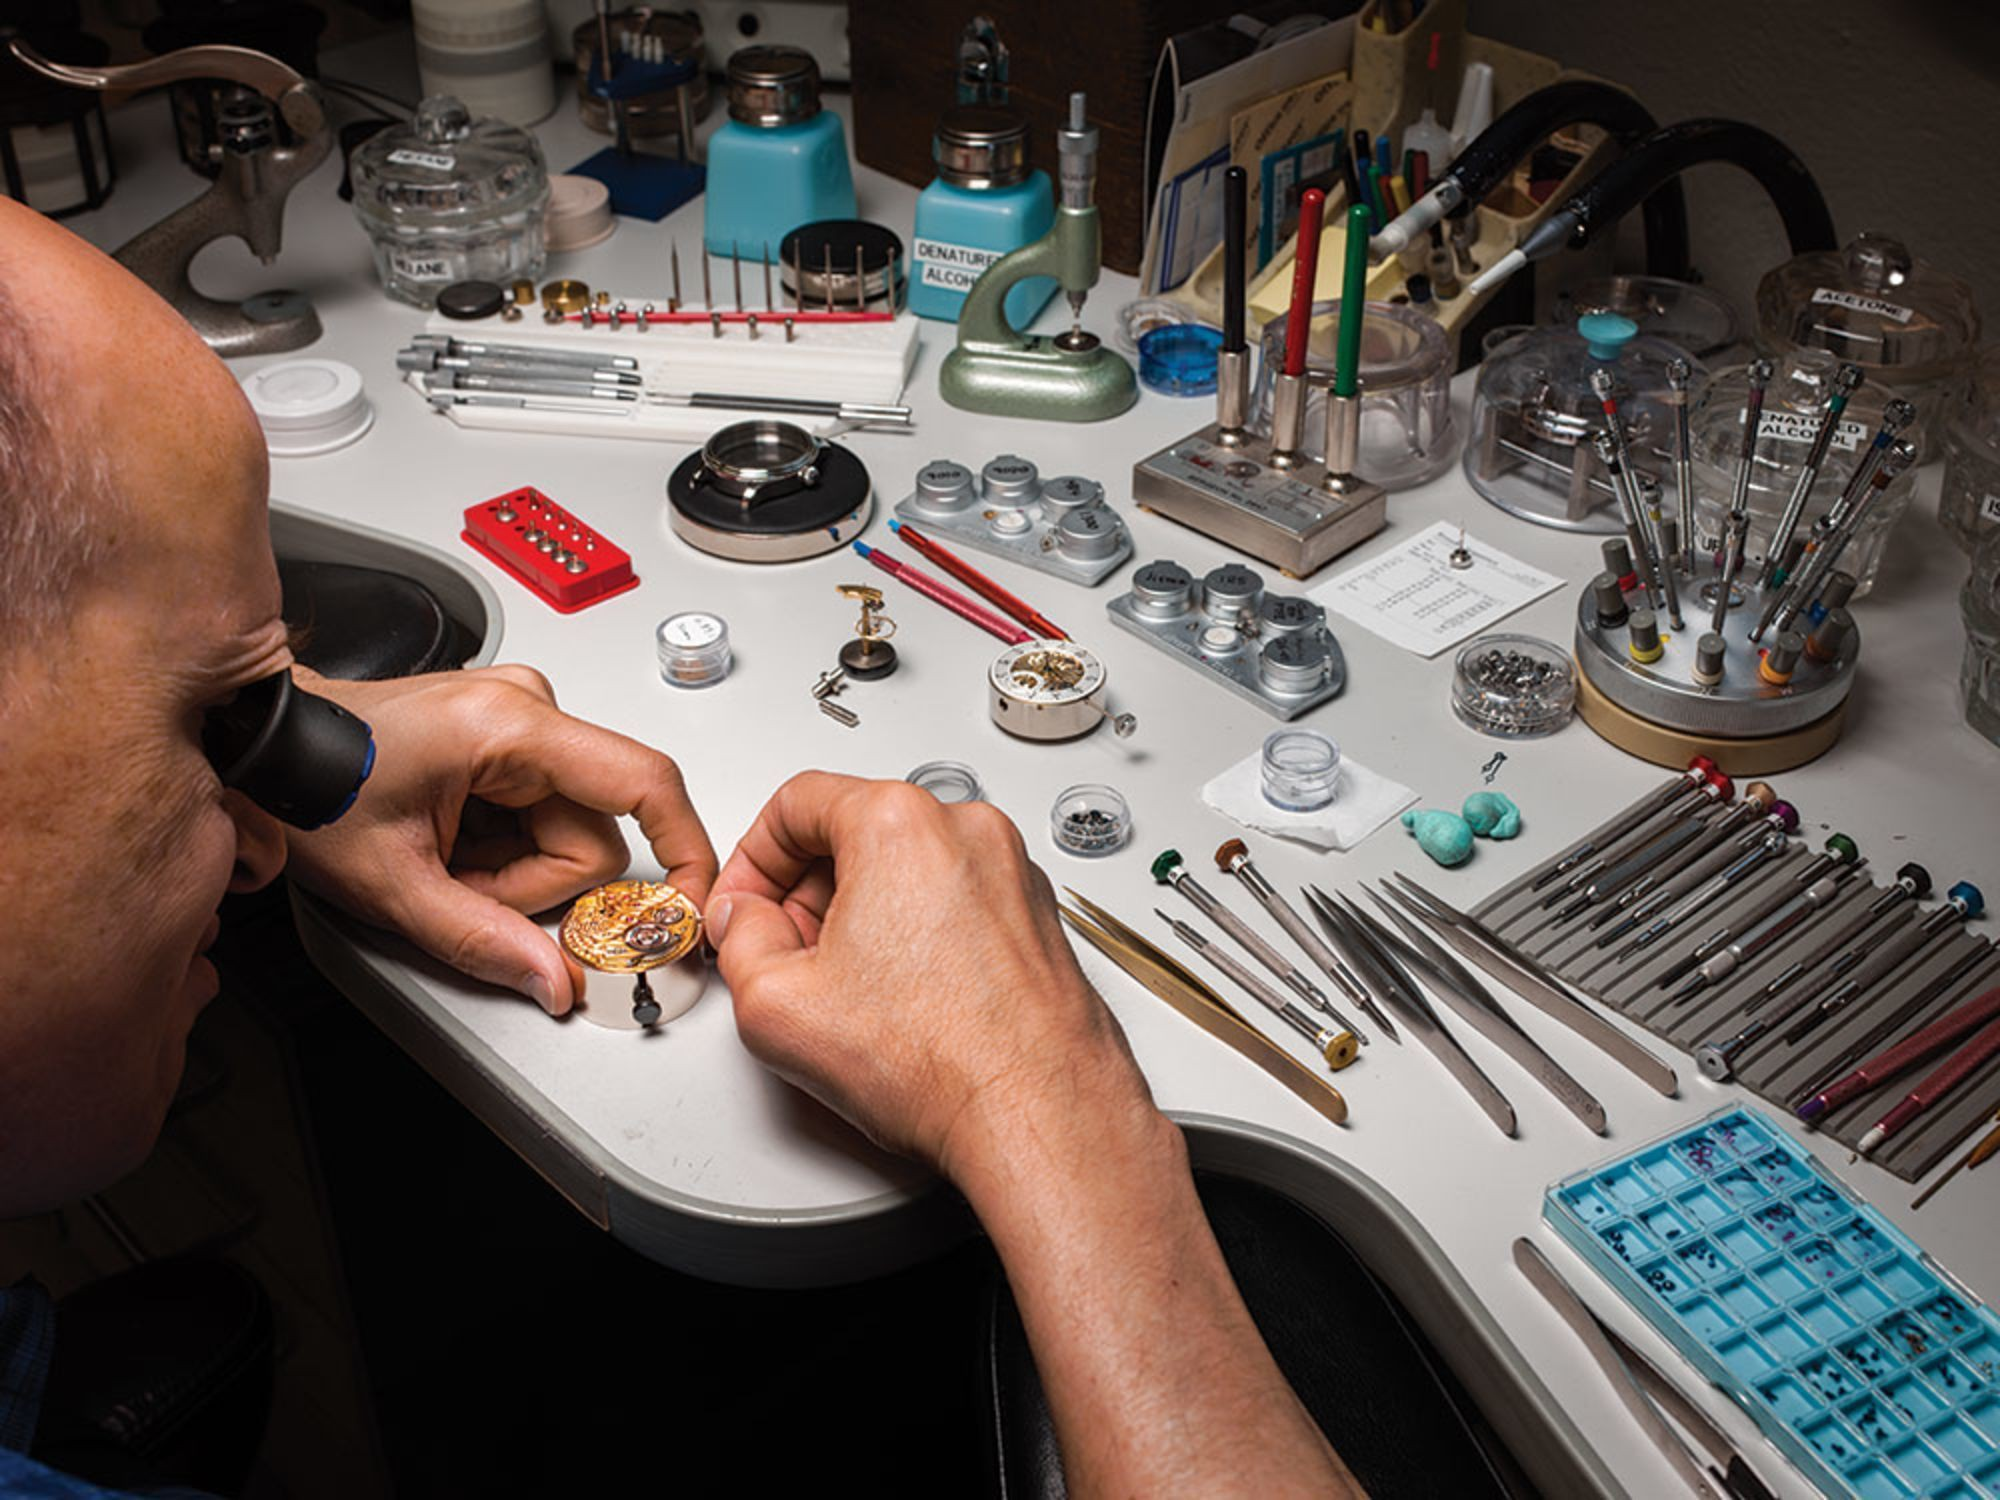 Cửa hiệu chế tạo đồng hồ cao cấp cuối cùng ở Mỹ: mỗi năm làm chưa đến 60 cái nhưng mỗi cái bán tới 2 tỉ đồng - Ảnh 4.